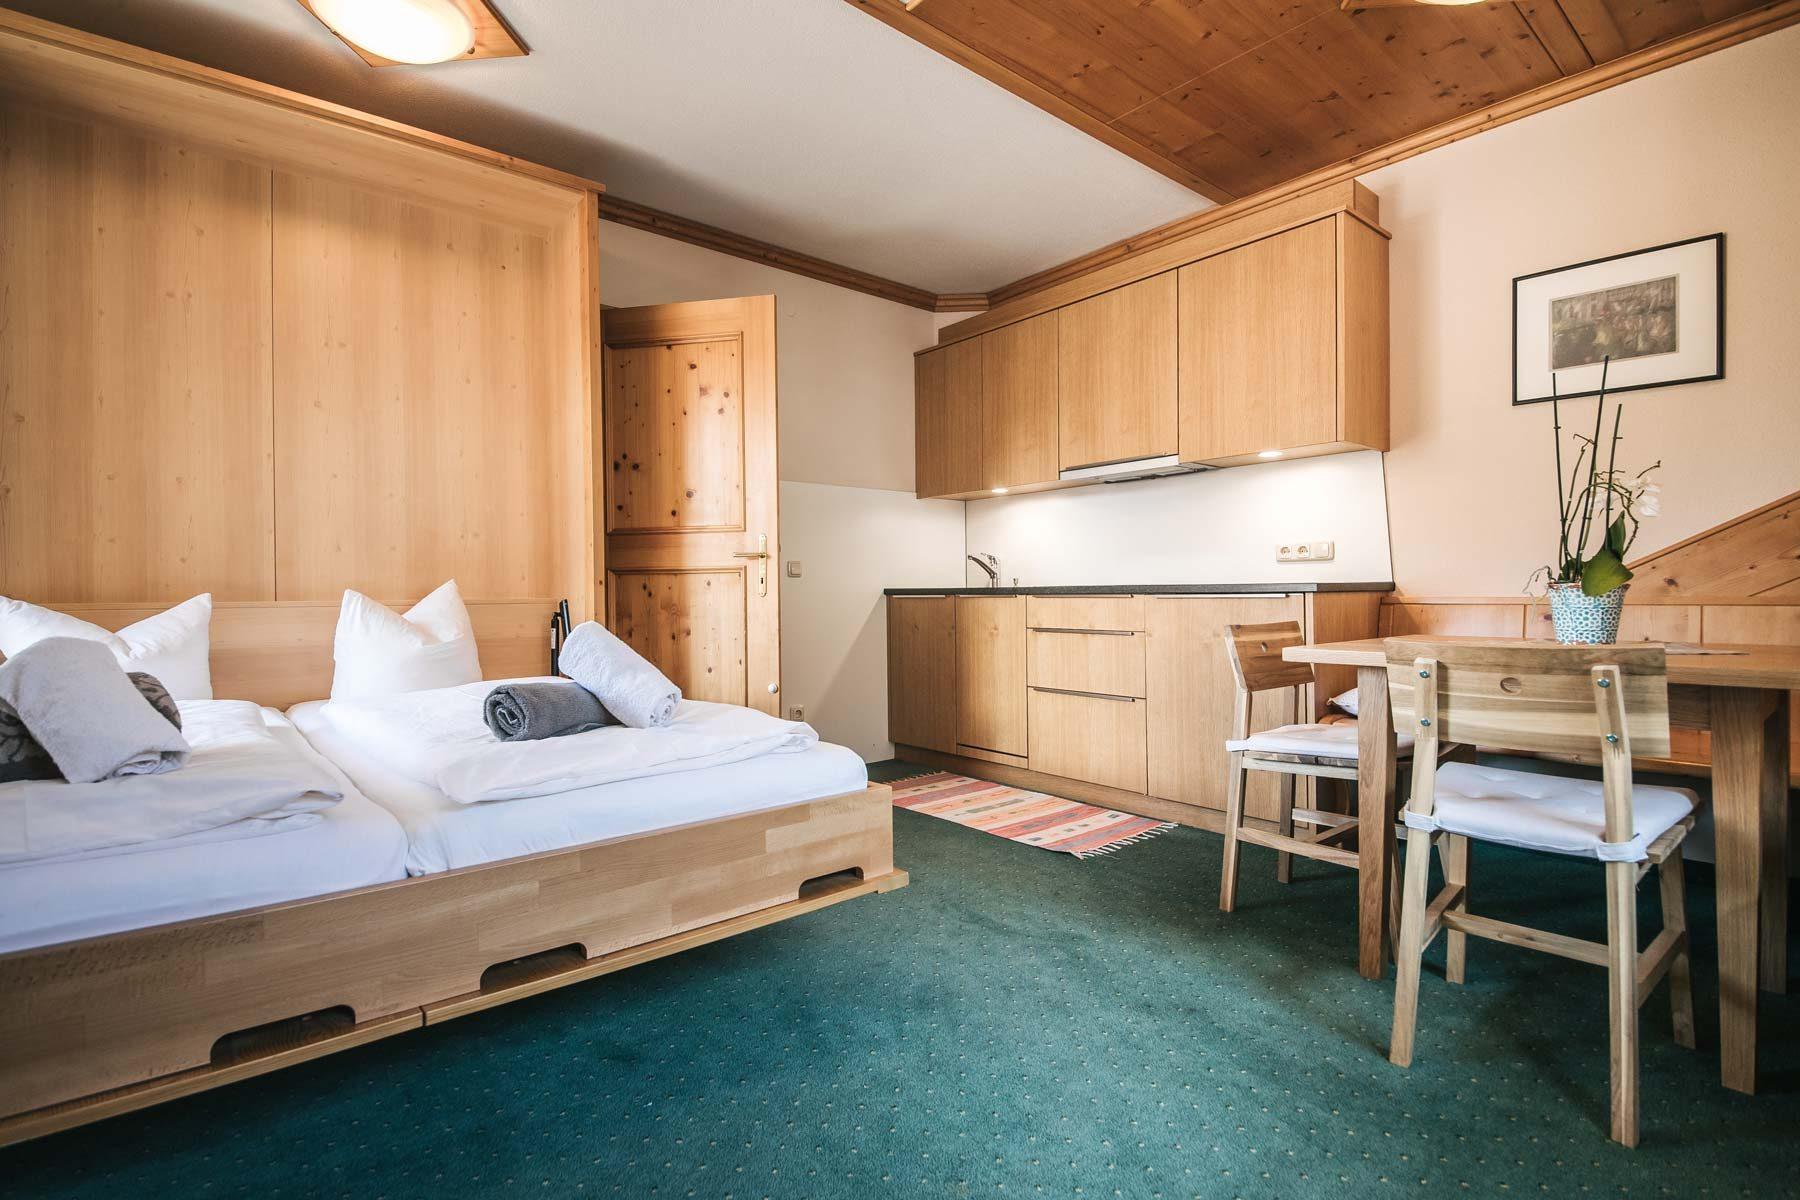 Wohnküche mit Schrankbett